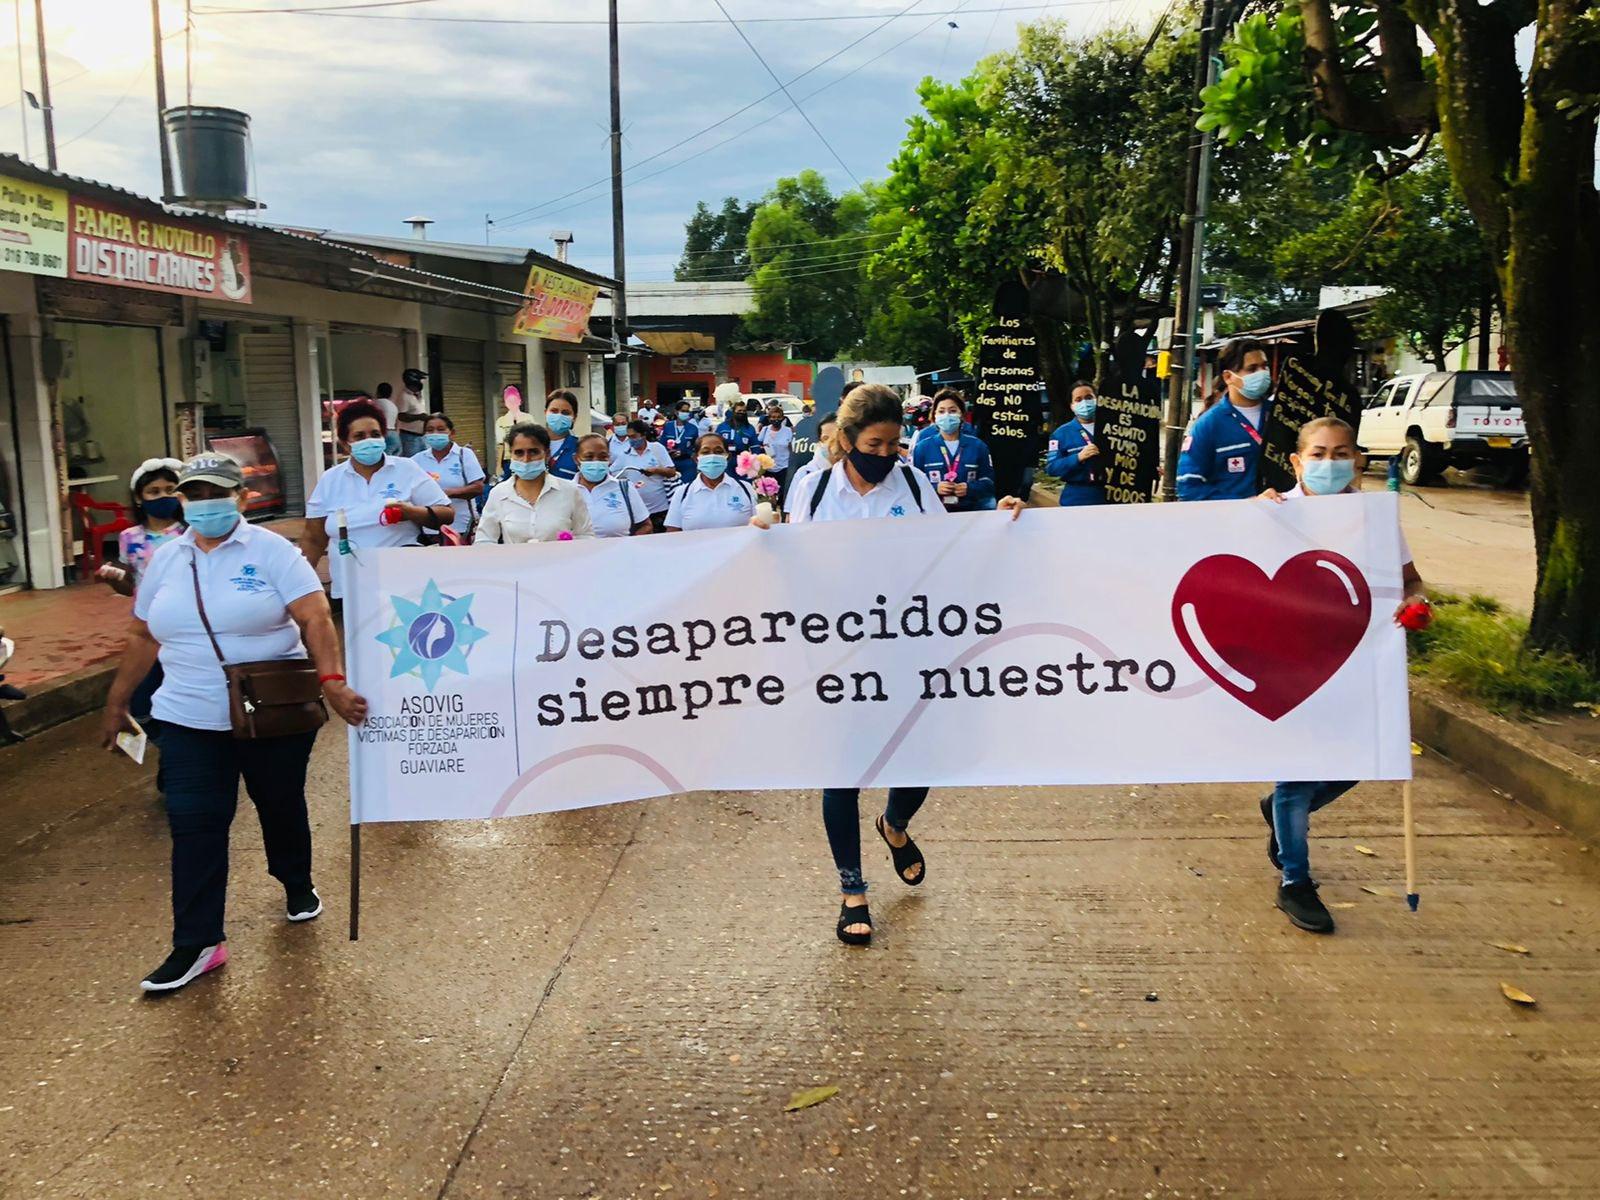 Cruz Roja: 637 personas han desaparecido en Colombia desde la firma del Acuerdo de Paz